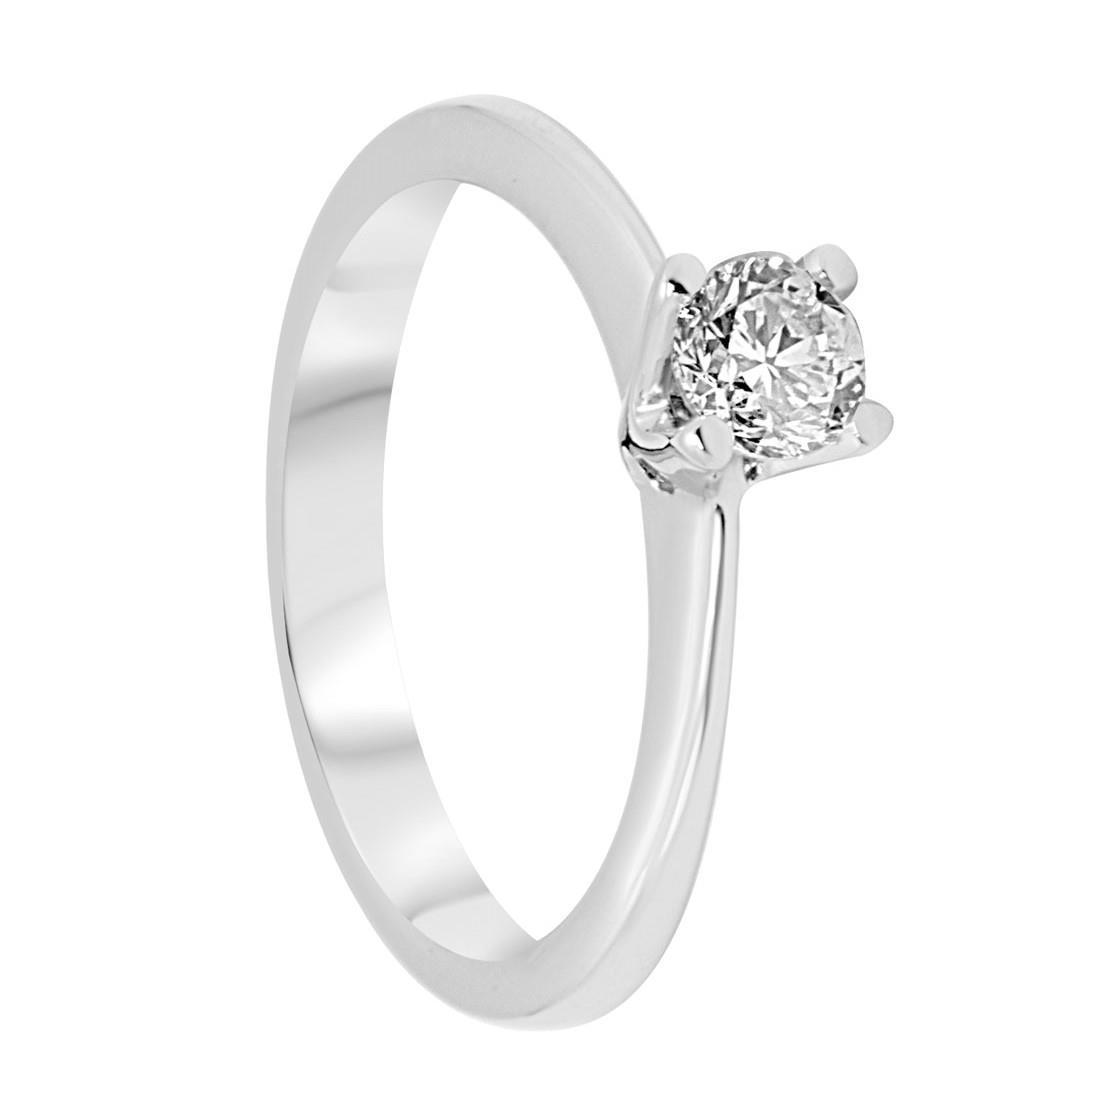 Anello solitario in oro bianco con diamanti 0,36 ct mis 13 - ALFIERI ST JOHN